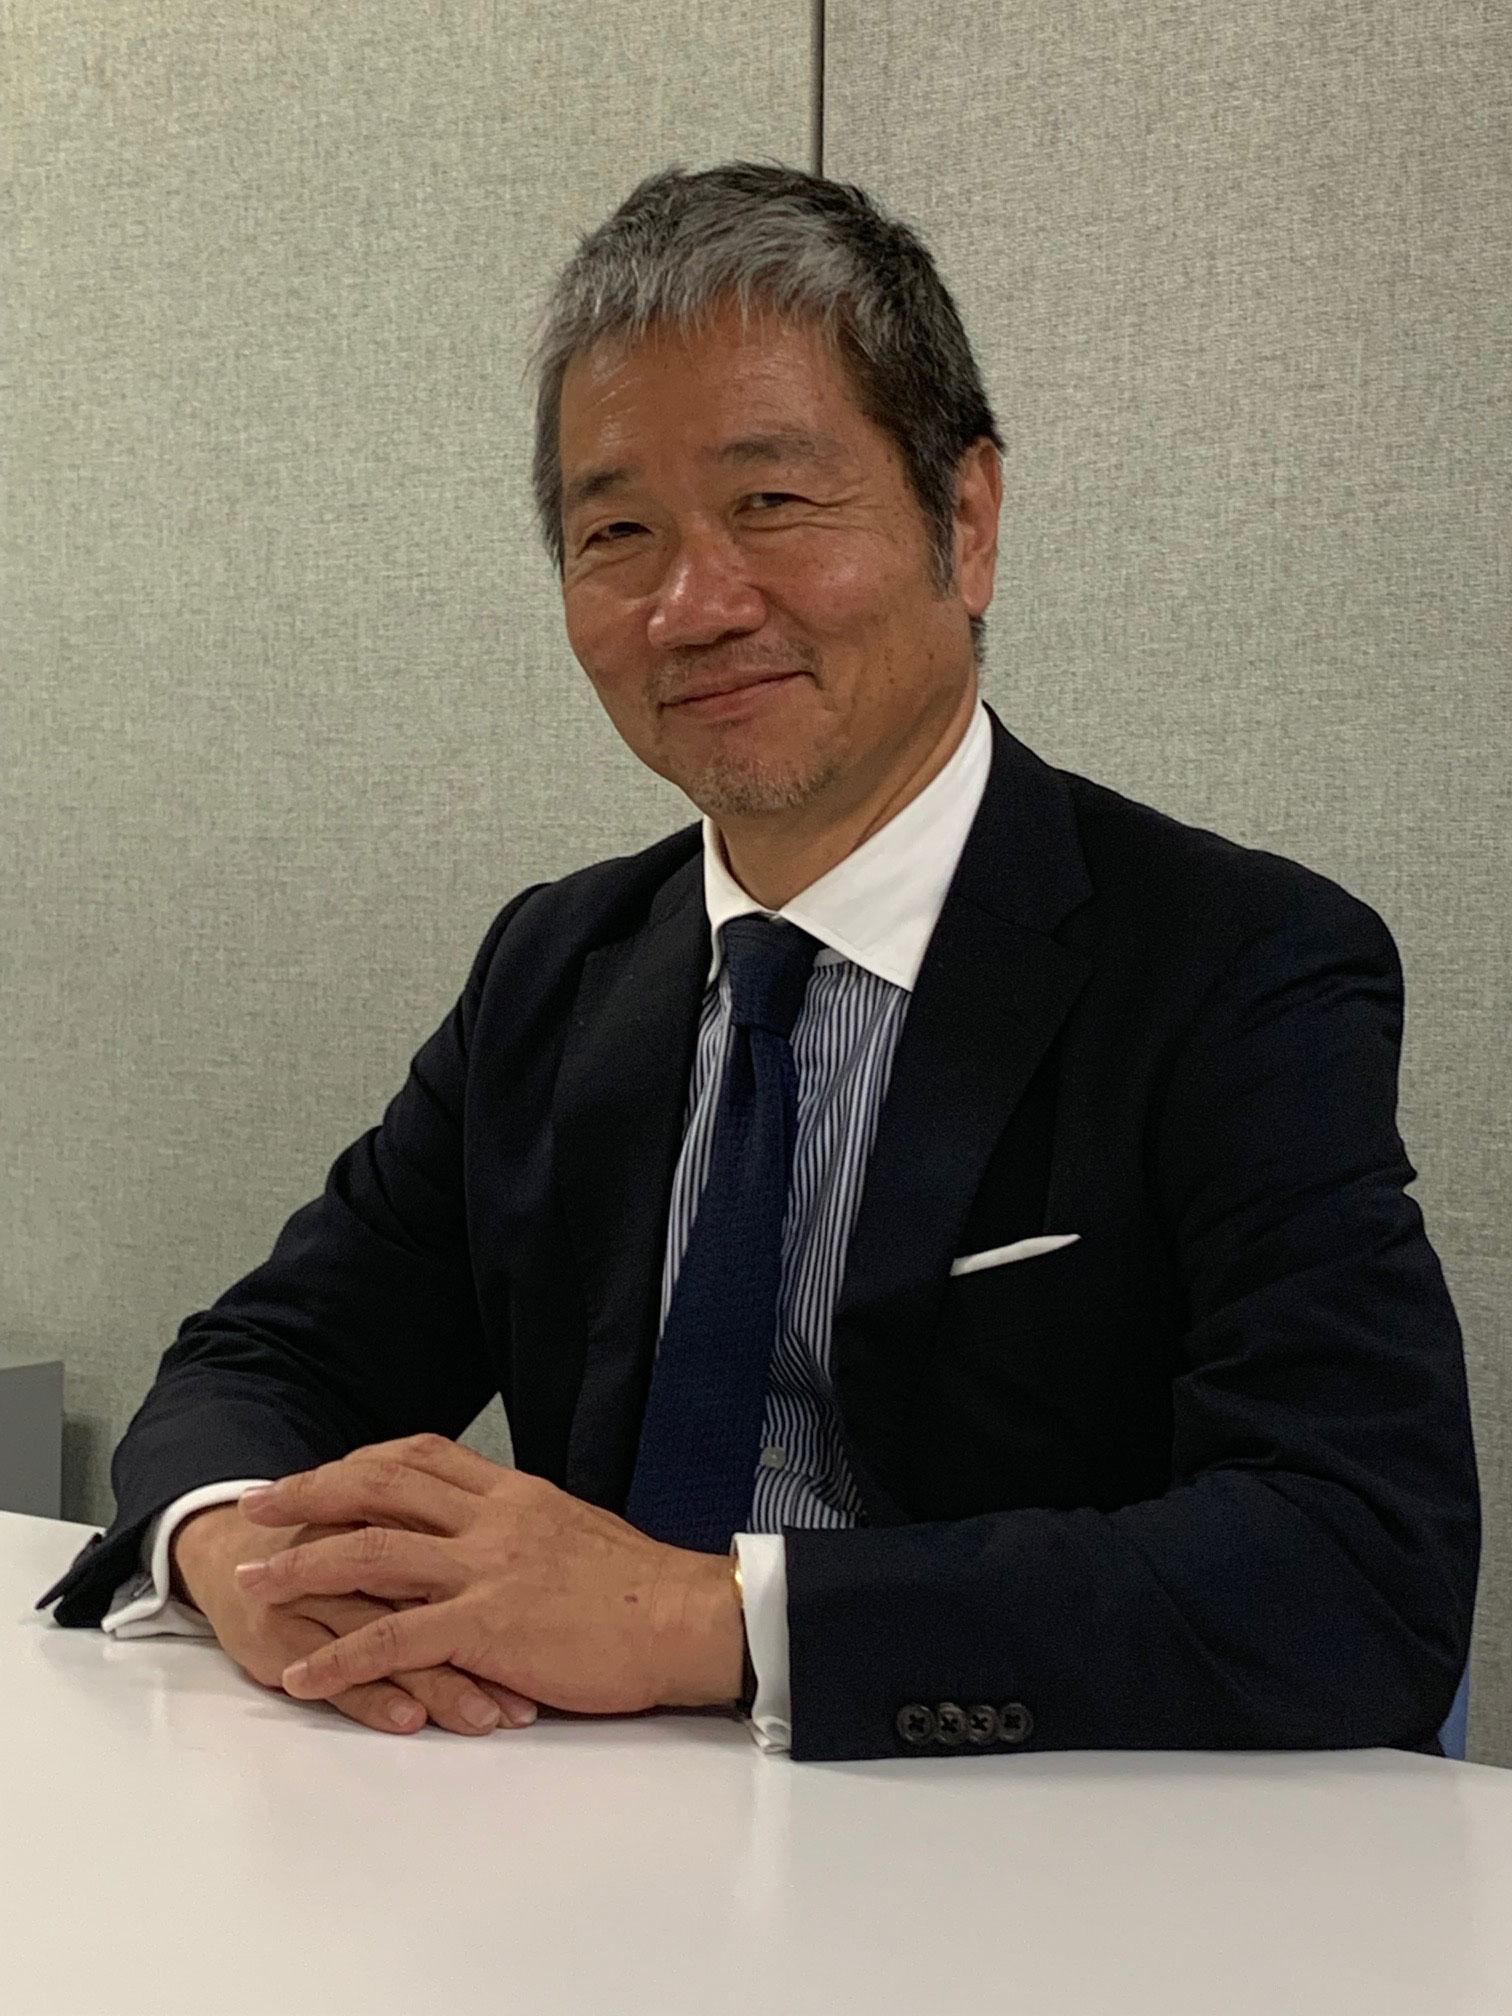 株式会社ジャパン・カウンセラーズ(東京都千代田区) 後藤 礼二郎